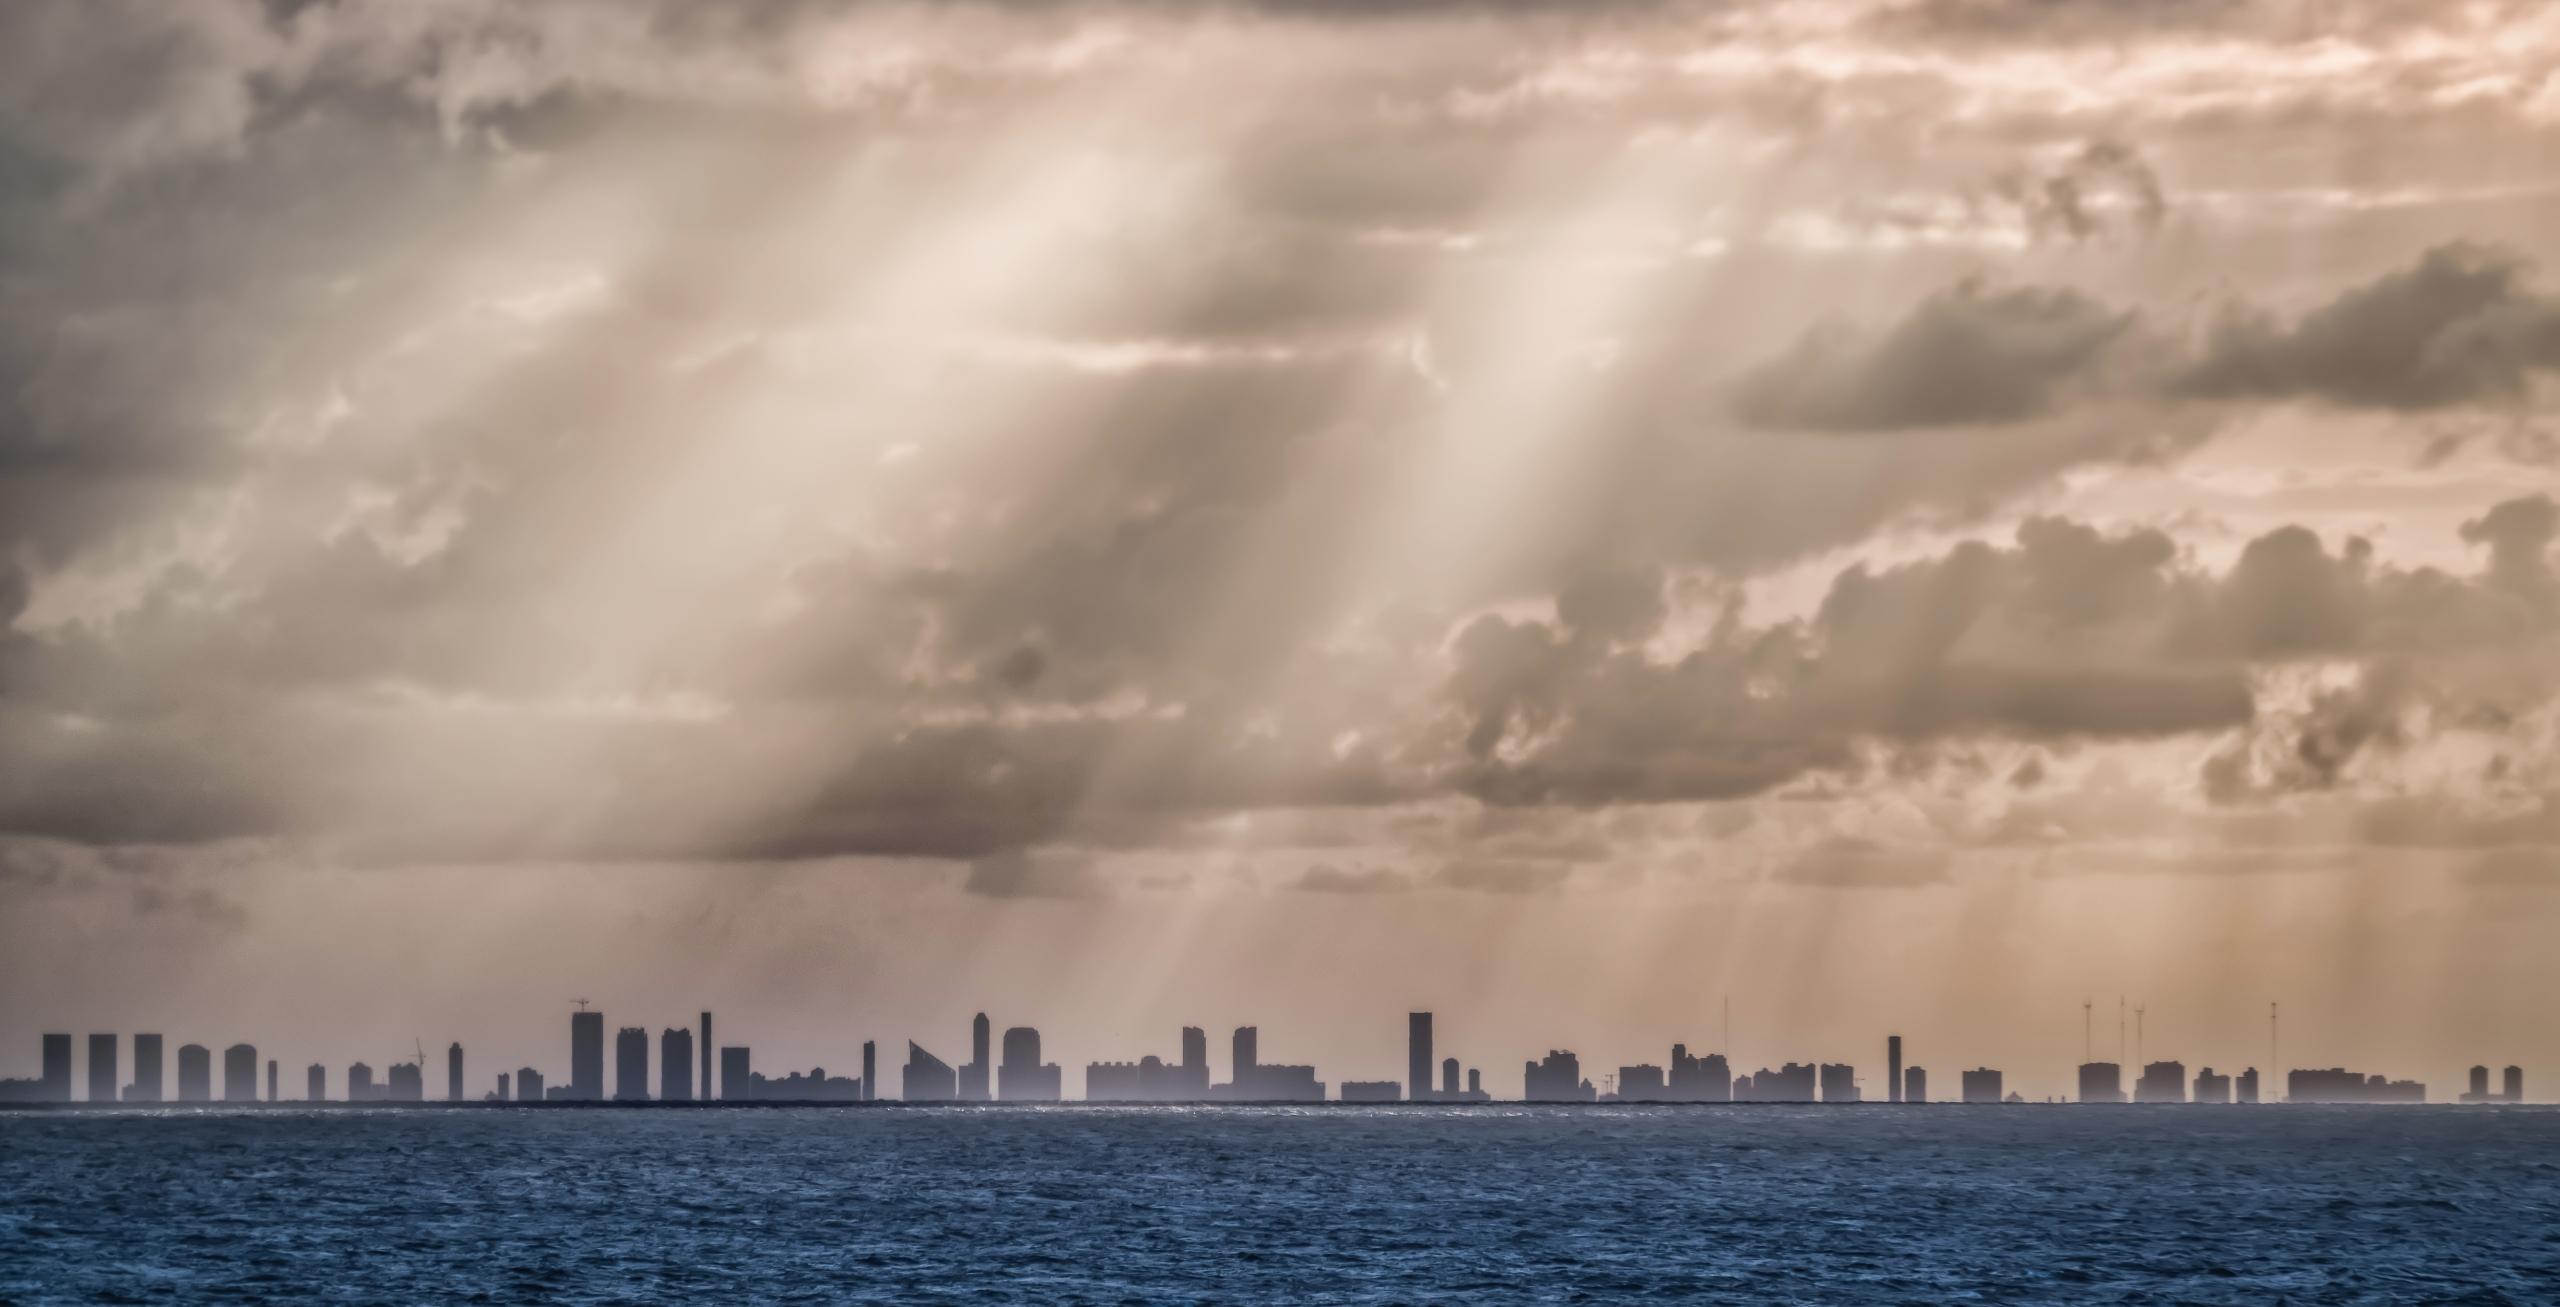 Miami Silhouette ten miles sea  - rickschwartz | ello